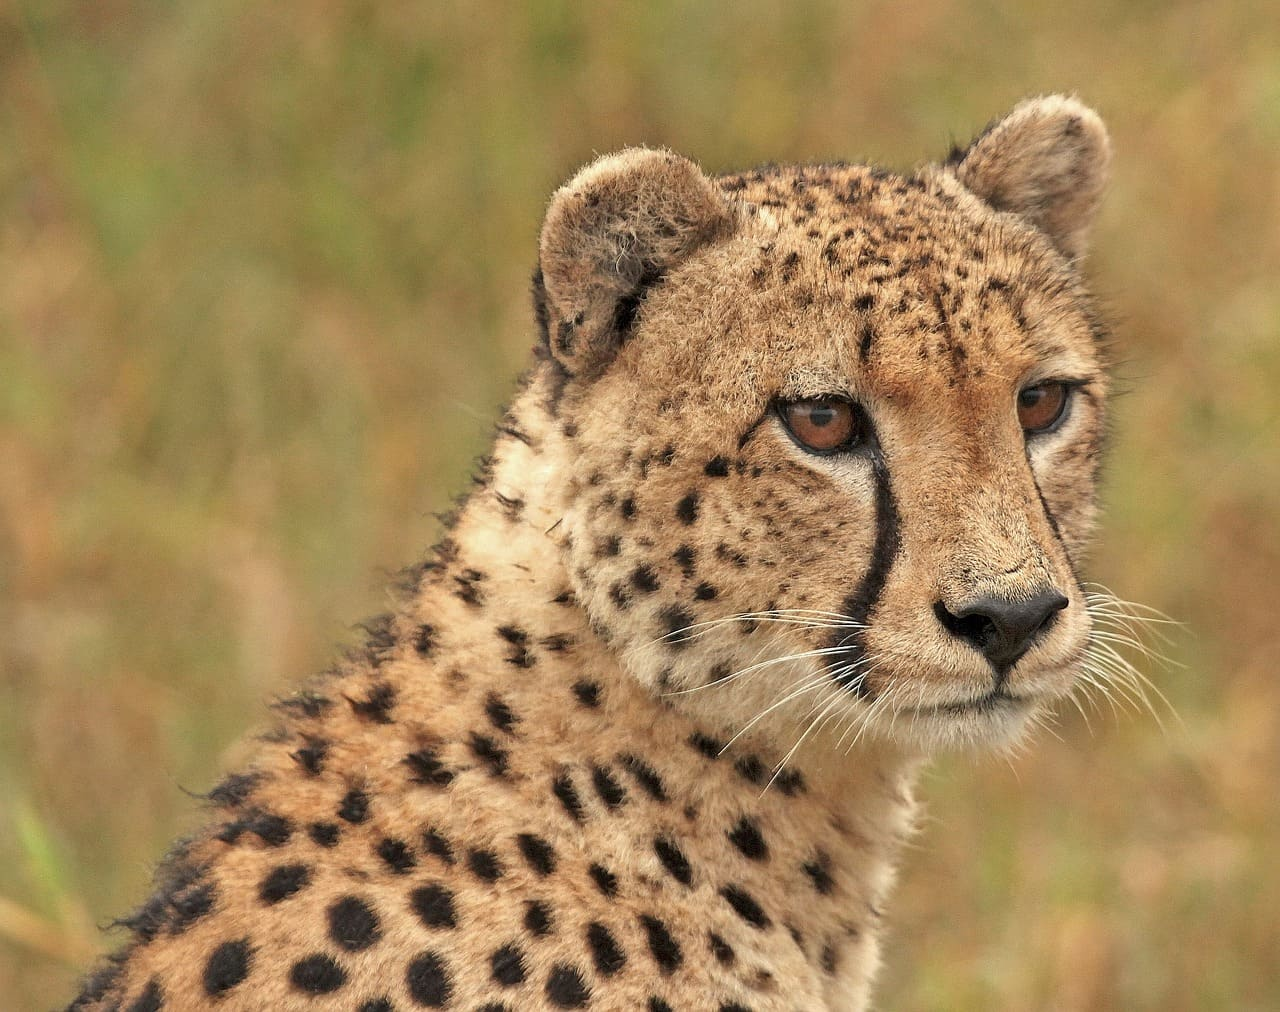 Cheetah life